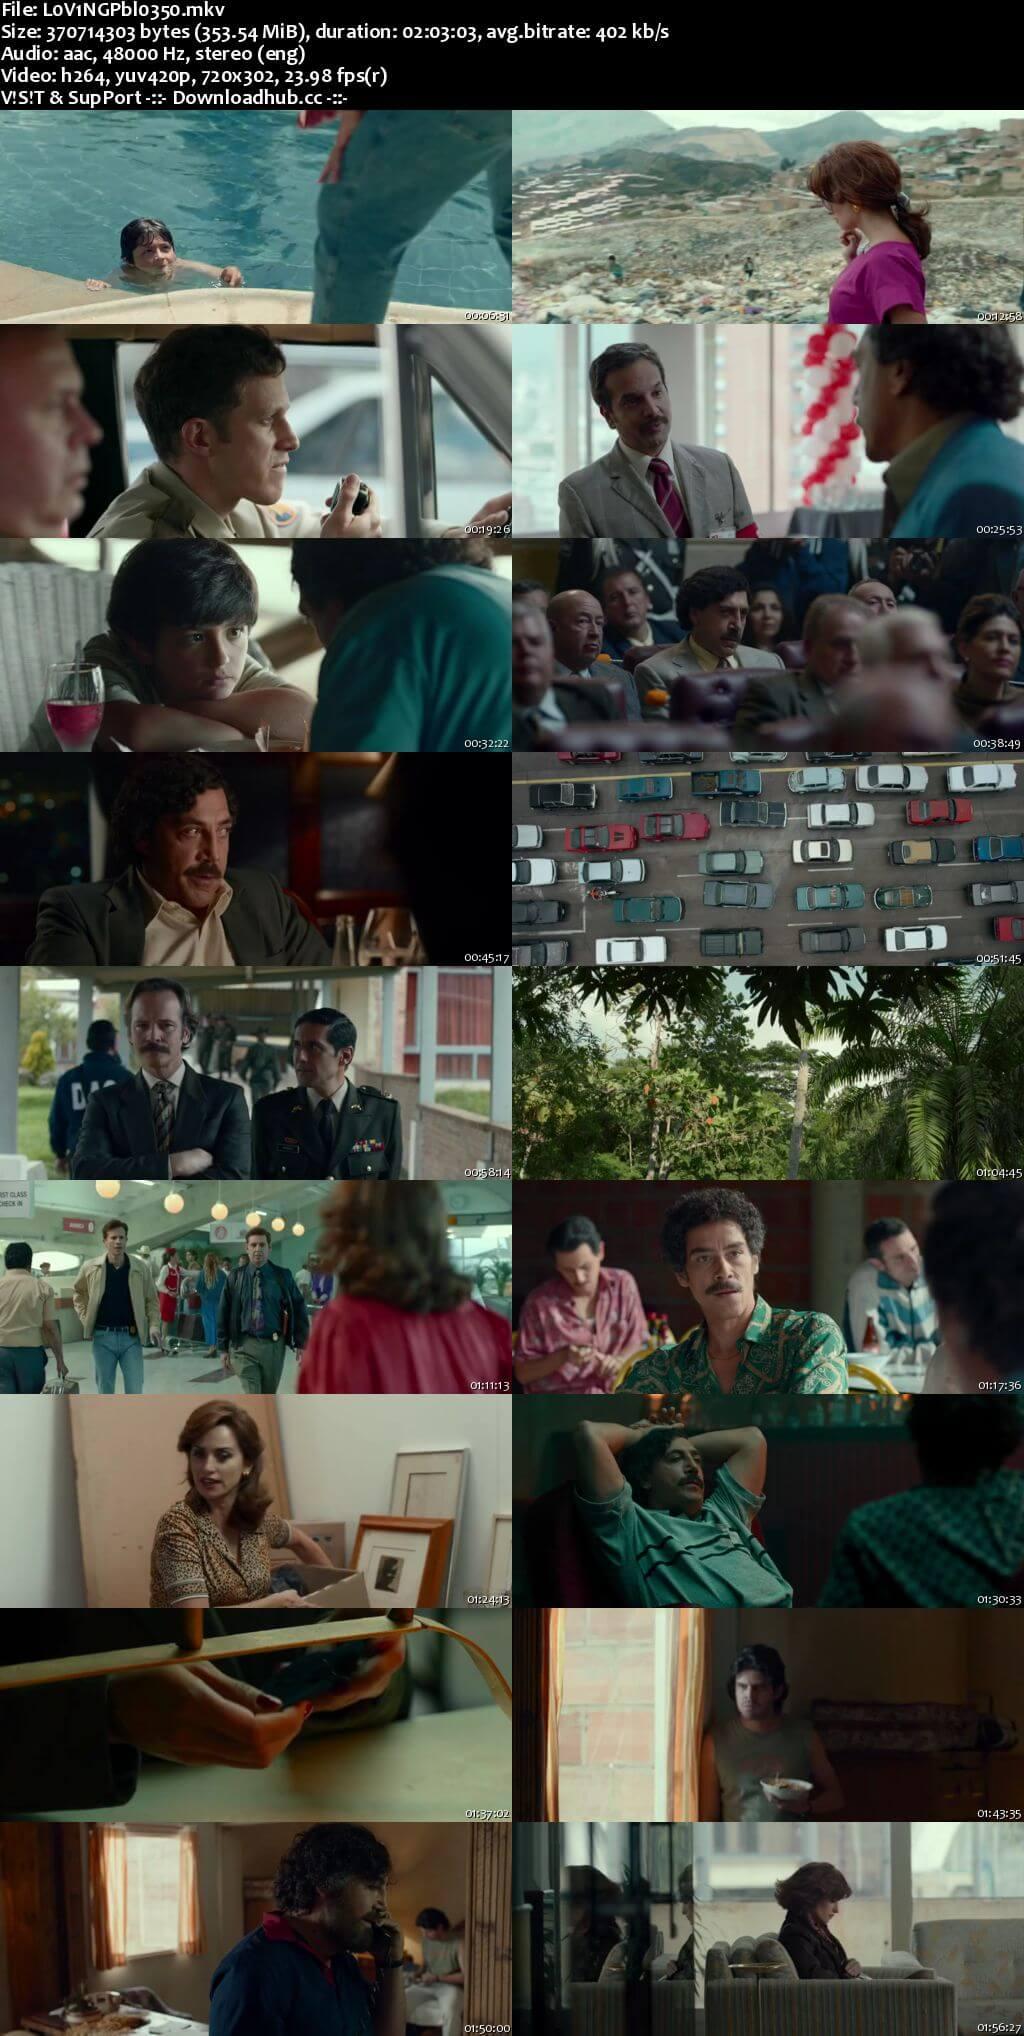 Loving Pablo 2018 English 480p Web-DL